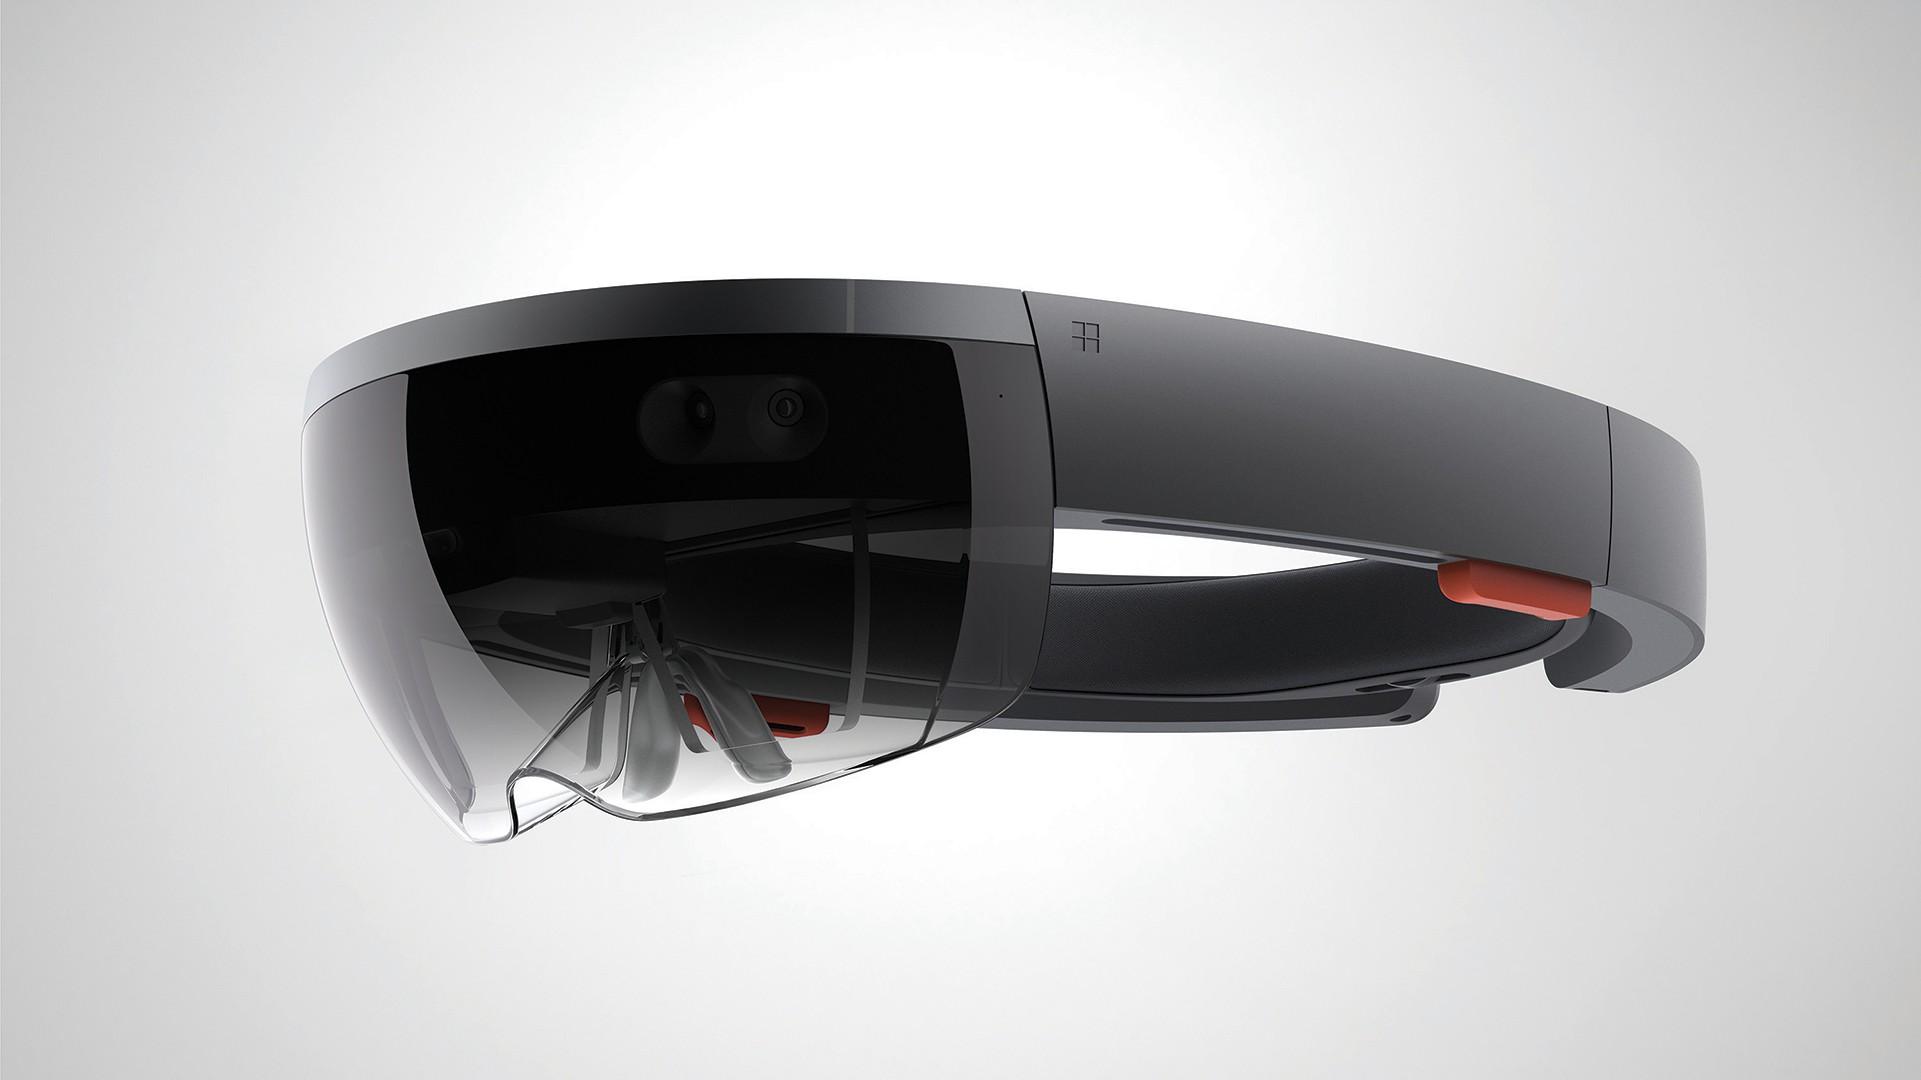 MWC 2019 : Microsoft lance Hololens 2, son casque de réalité augmentée de 3 500 dollars